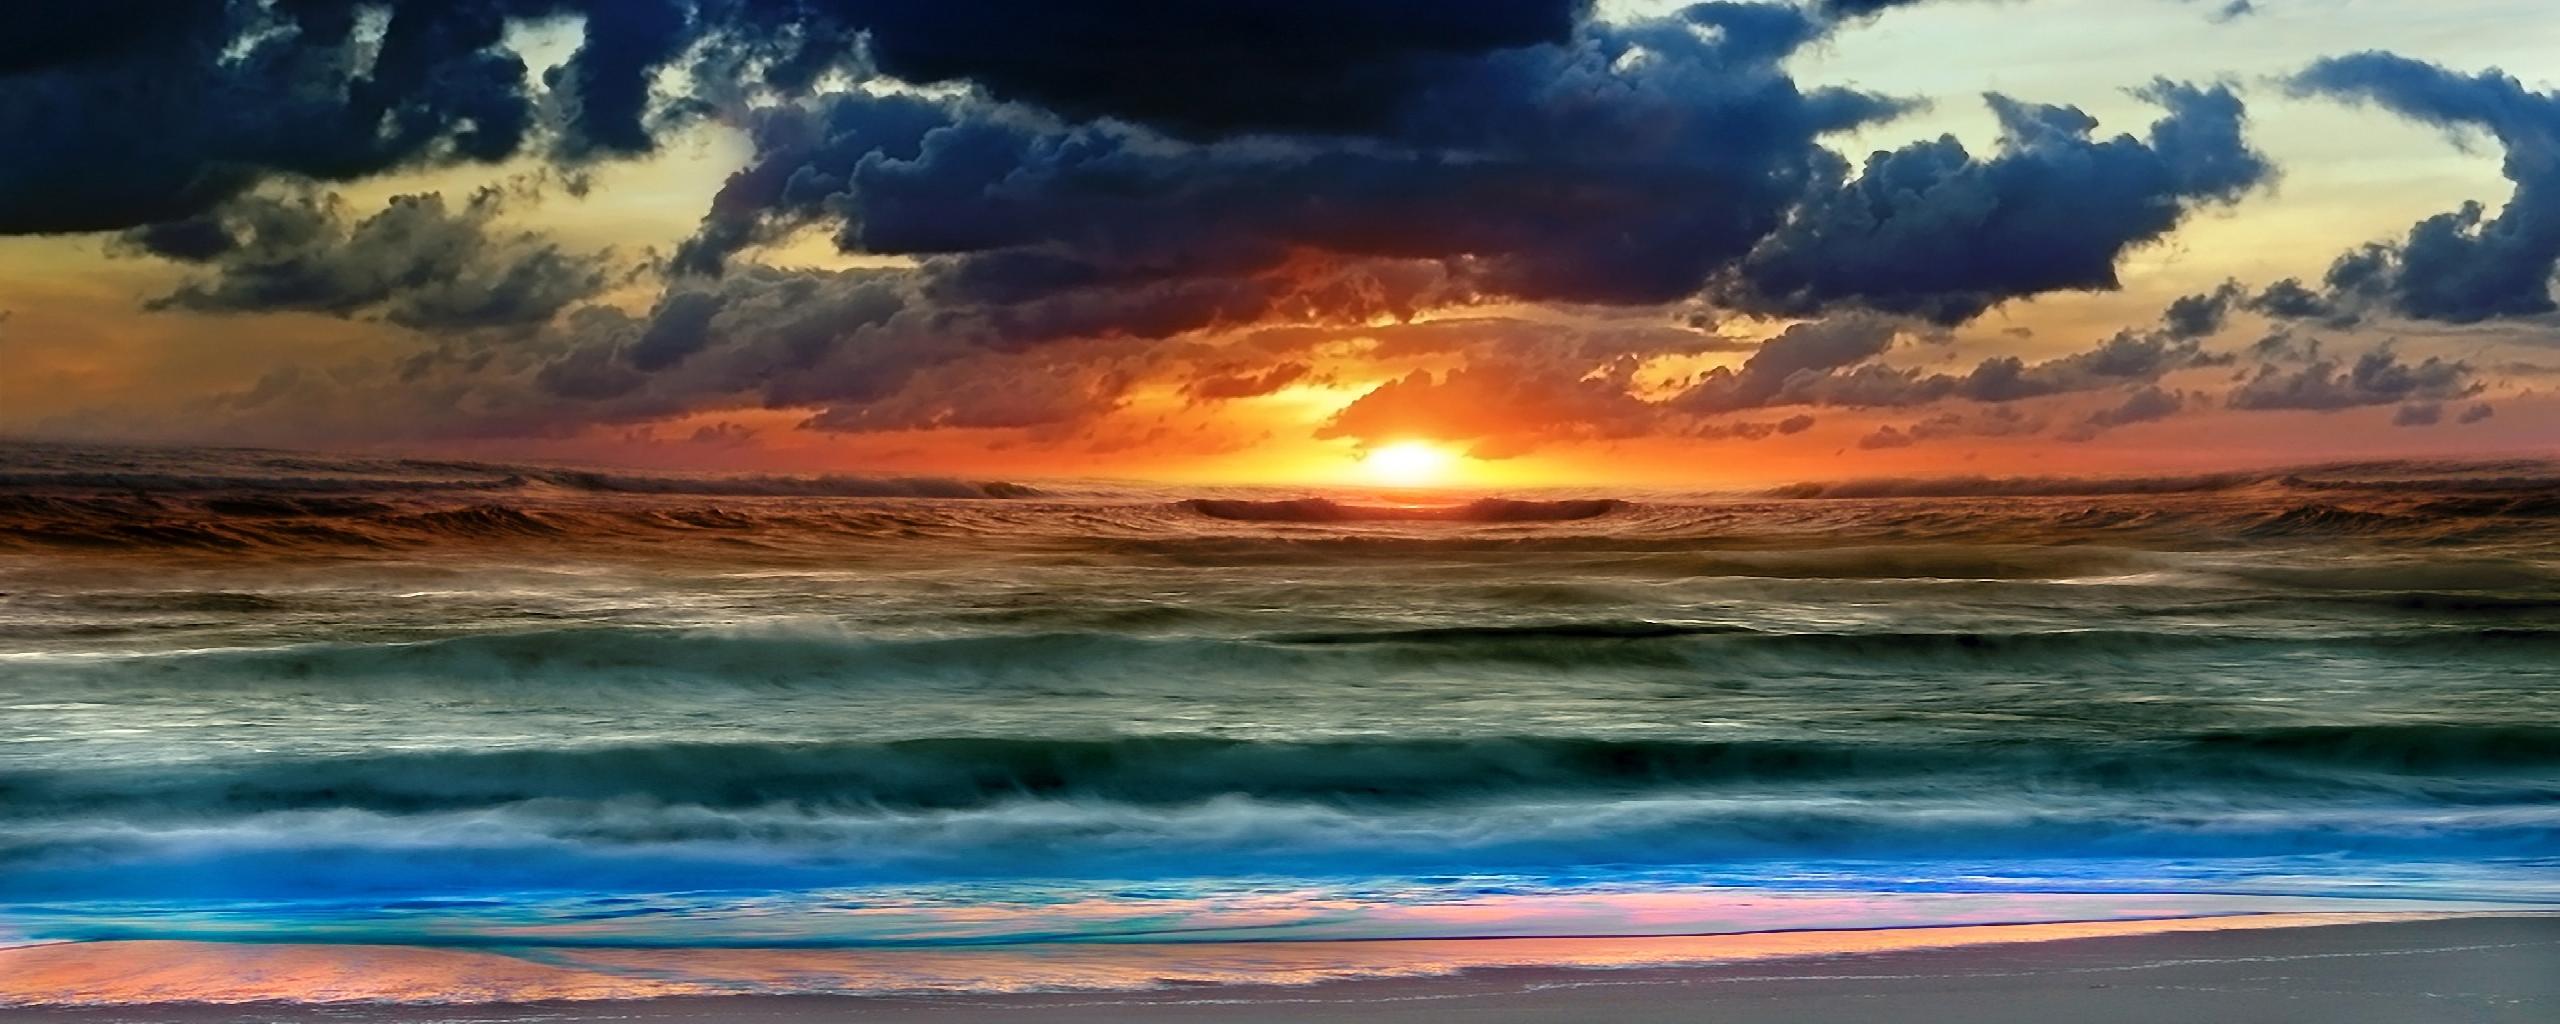 Image Panoramic Wallpaper Dual Screen Desktop Download 2560x1024